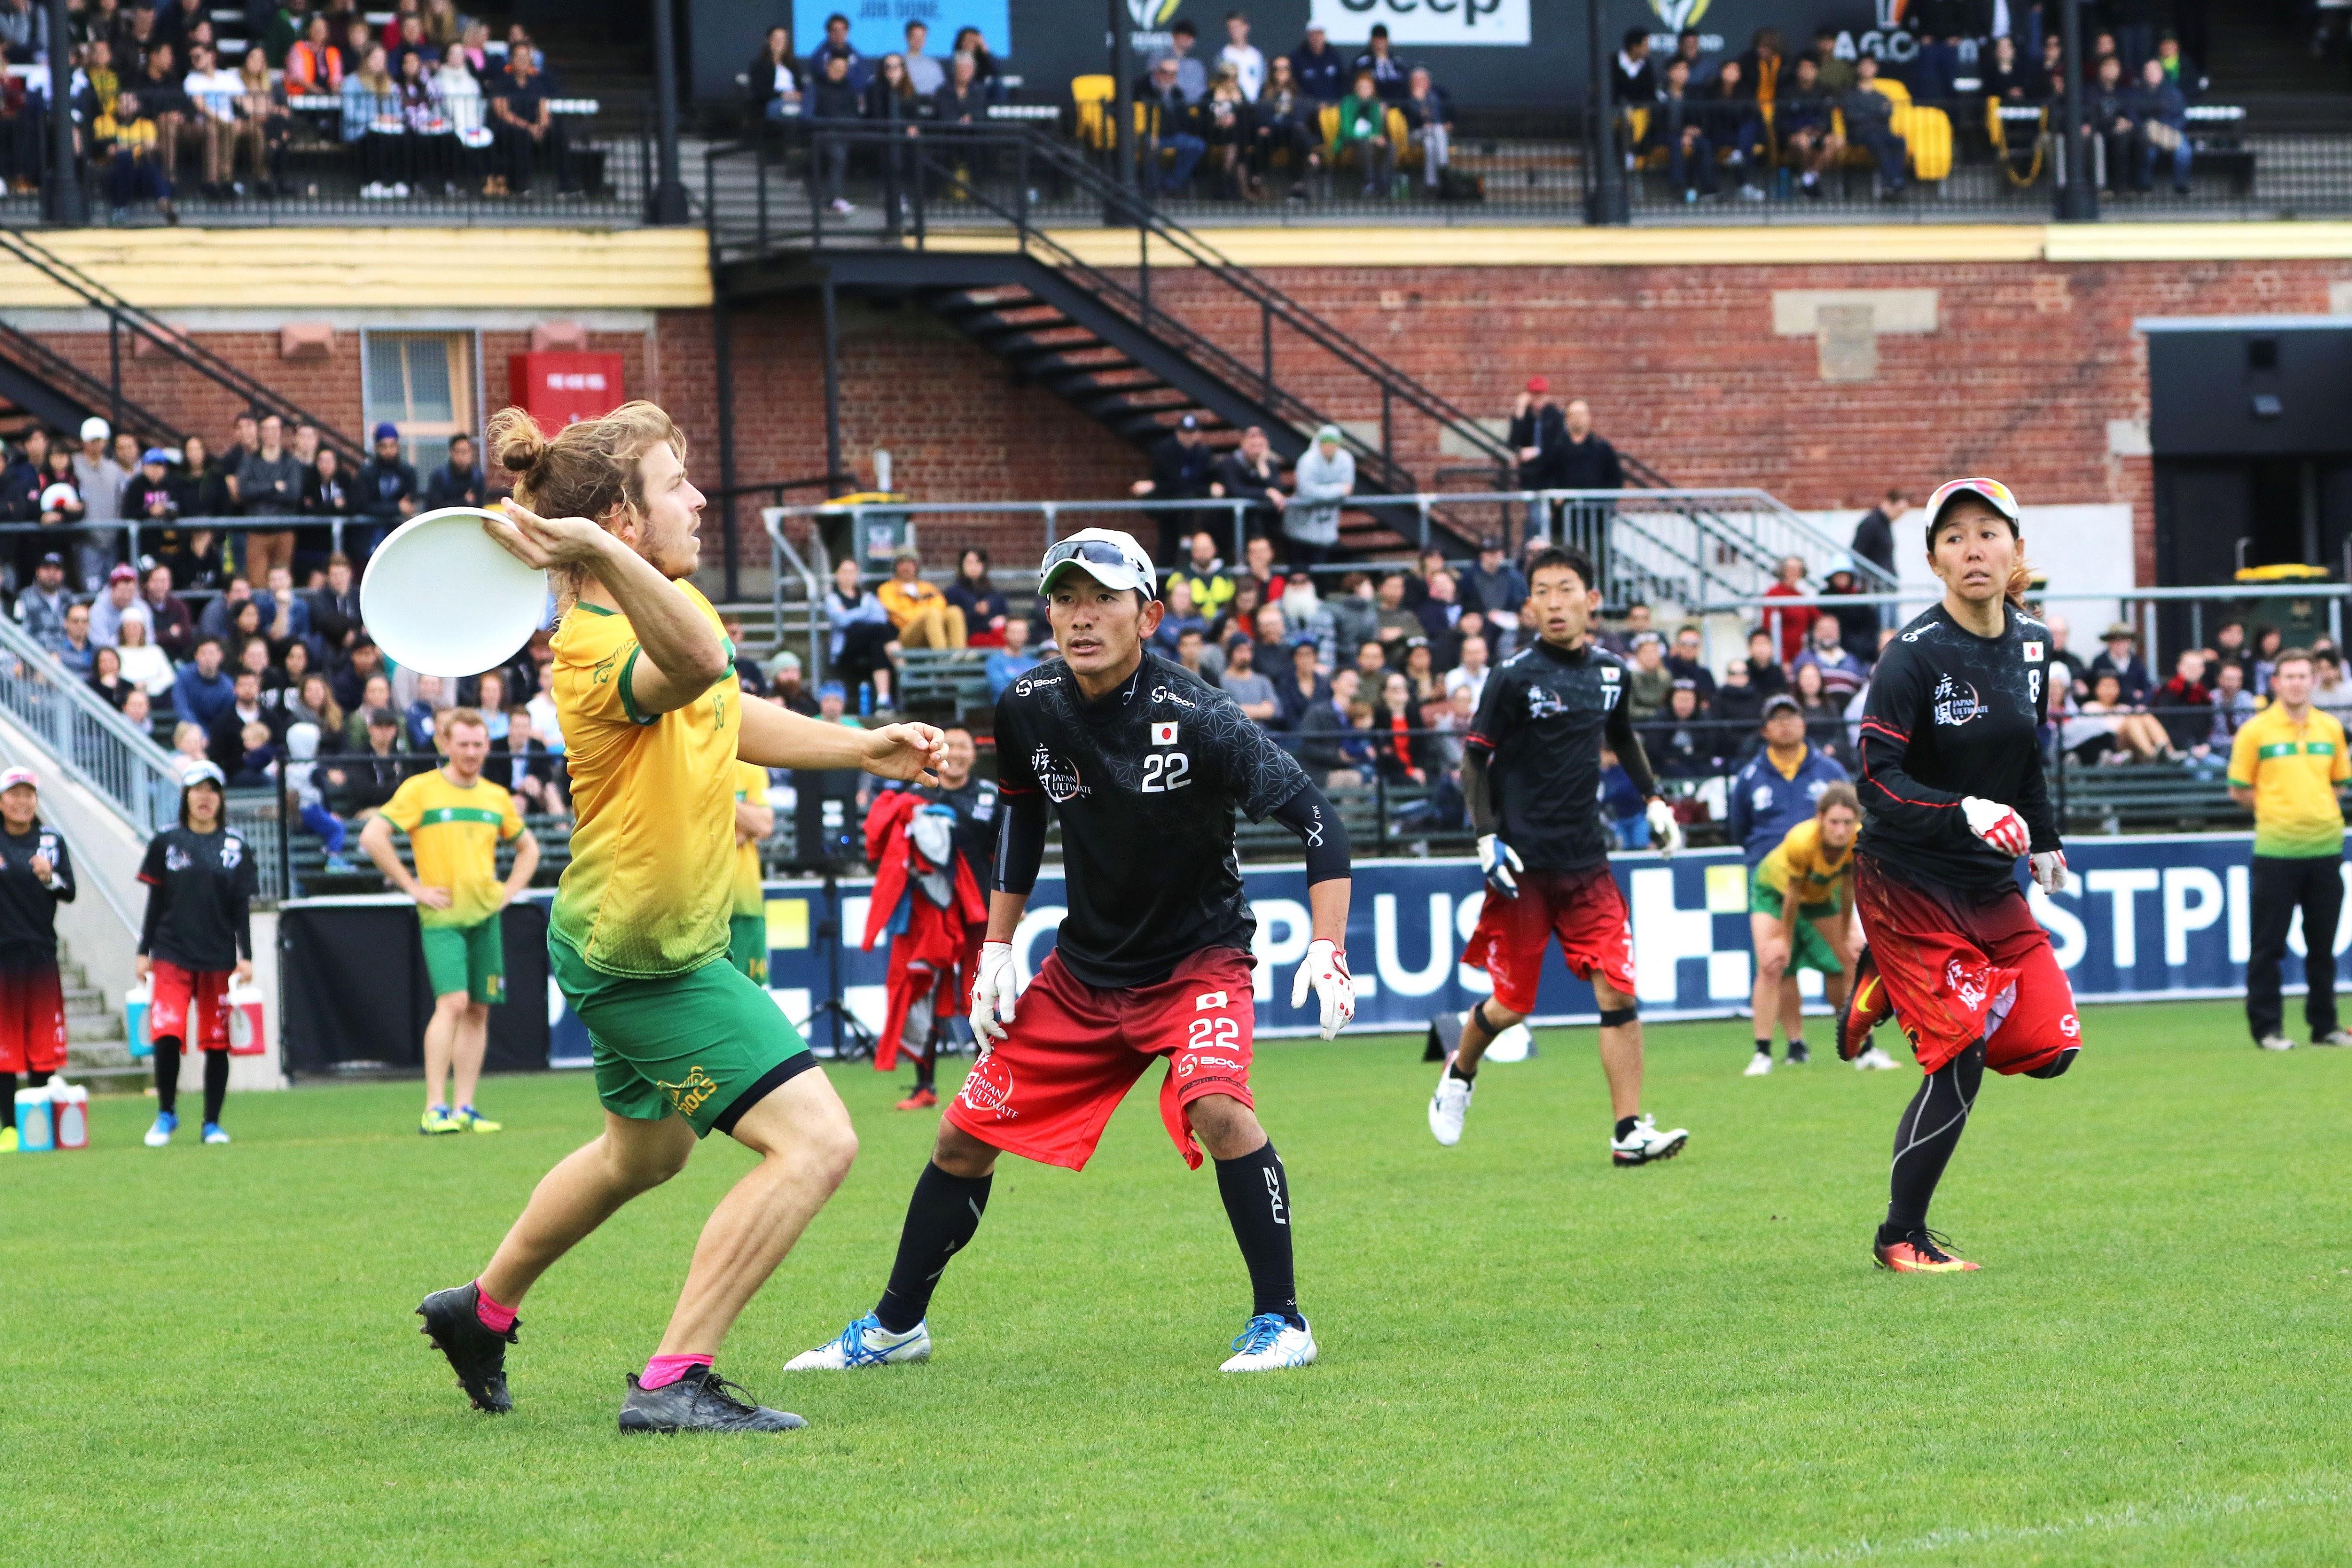 2017年に行われたオーストラリア代表との国際親善試合の様子。